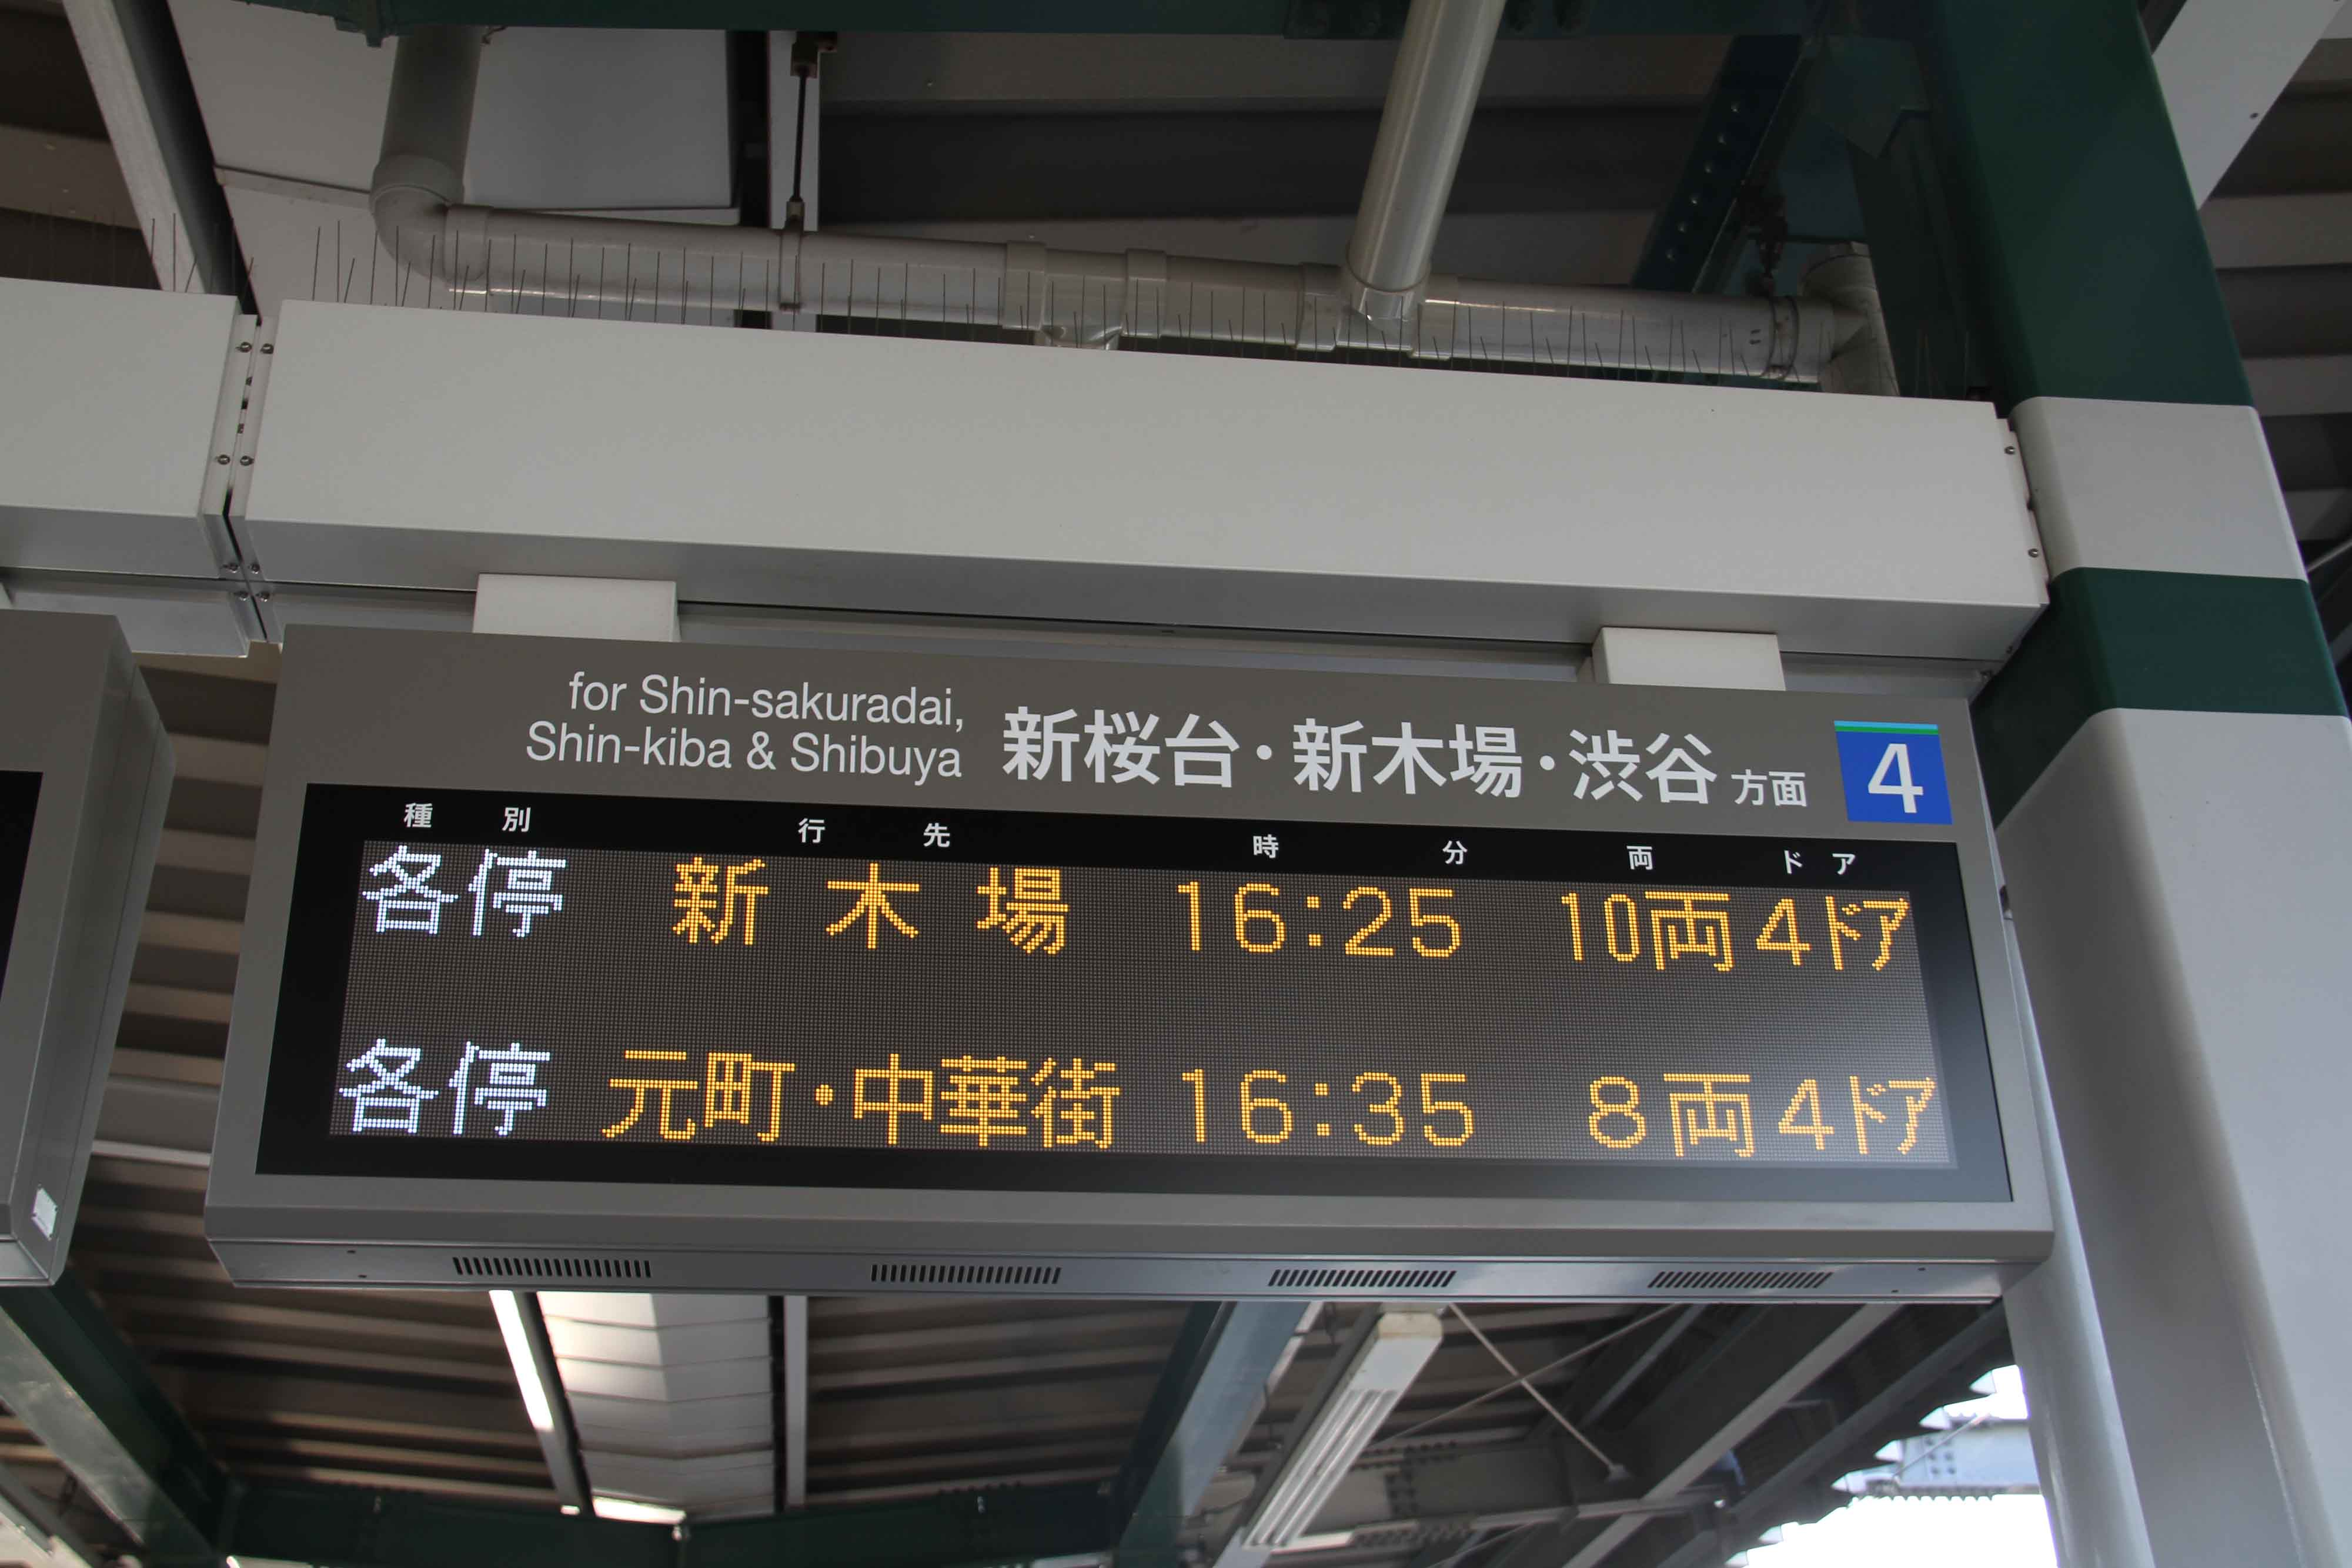 西武線練馬駅運行表示器